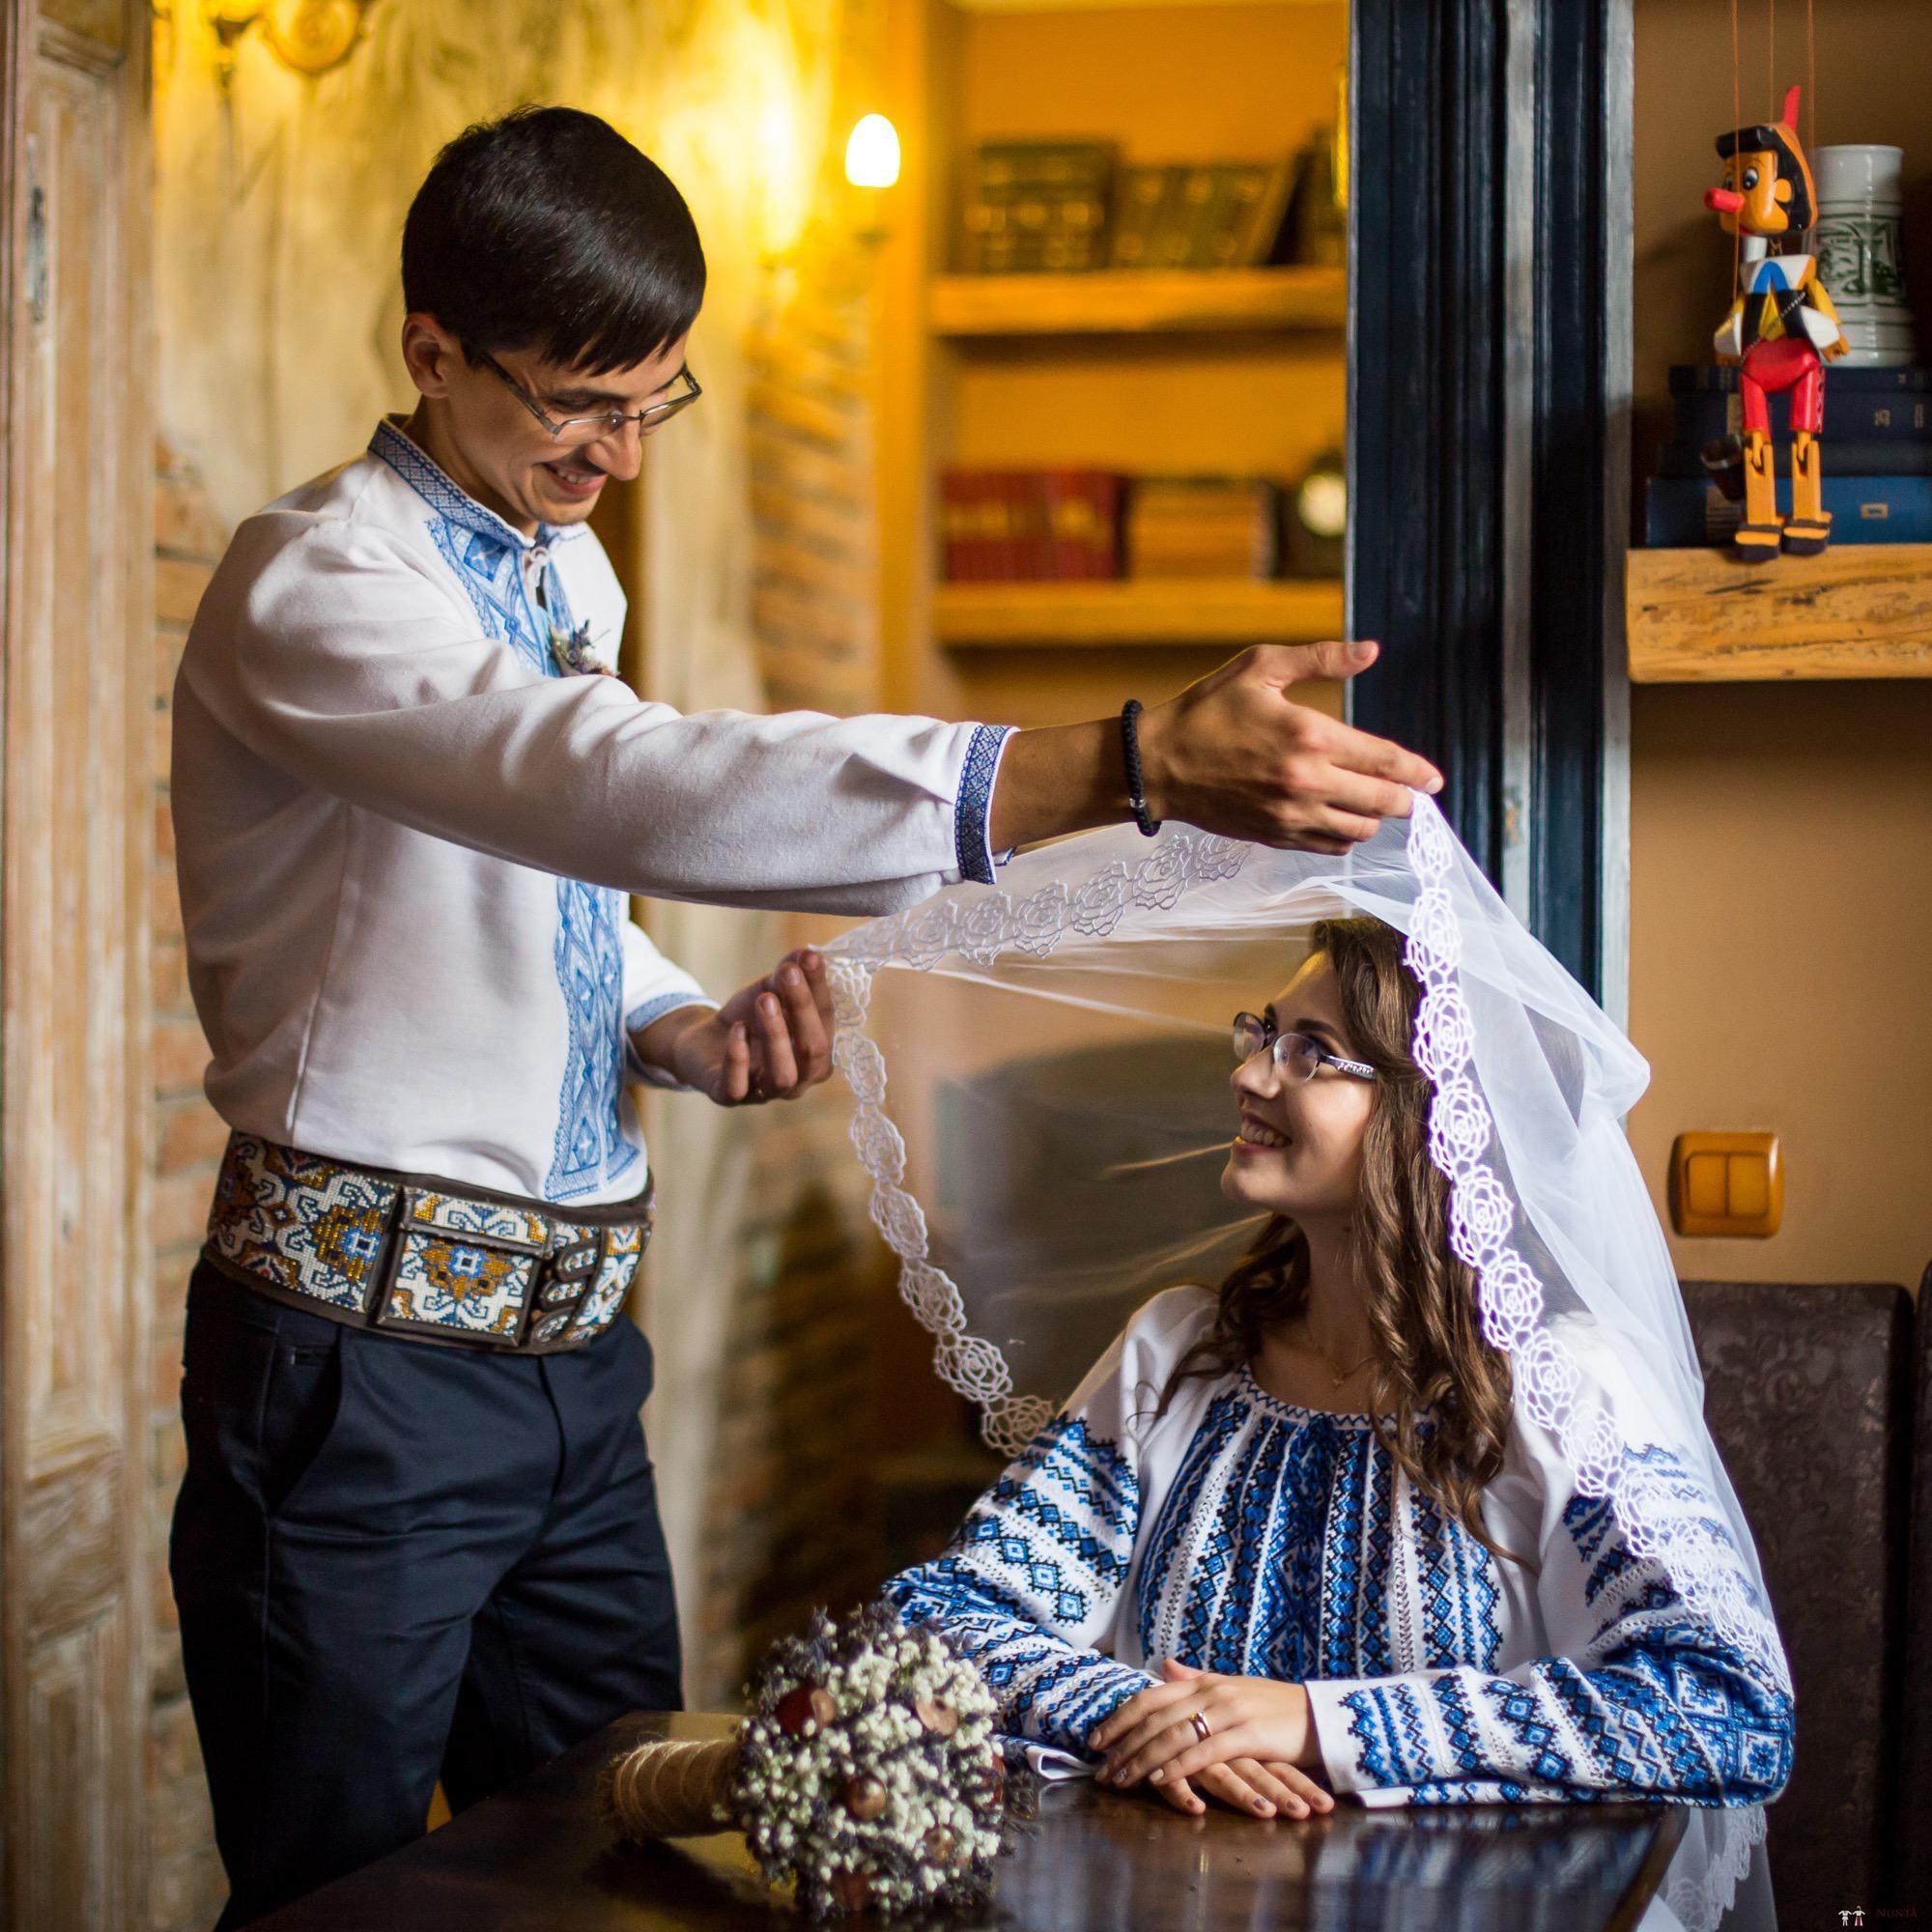 Povești Nunți Tradiționale - Ioana-Alexandra și Bogdan-Vasile. Nuntă tradițională în Fălticeni 18